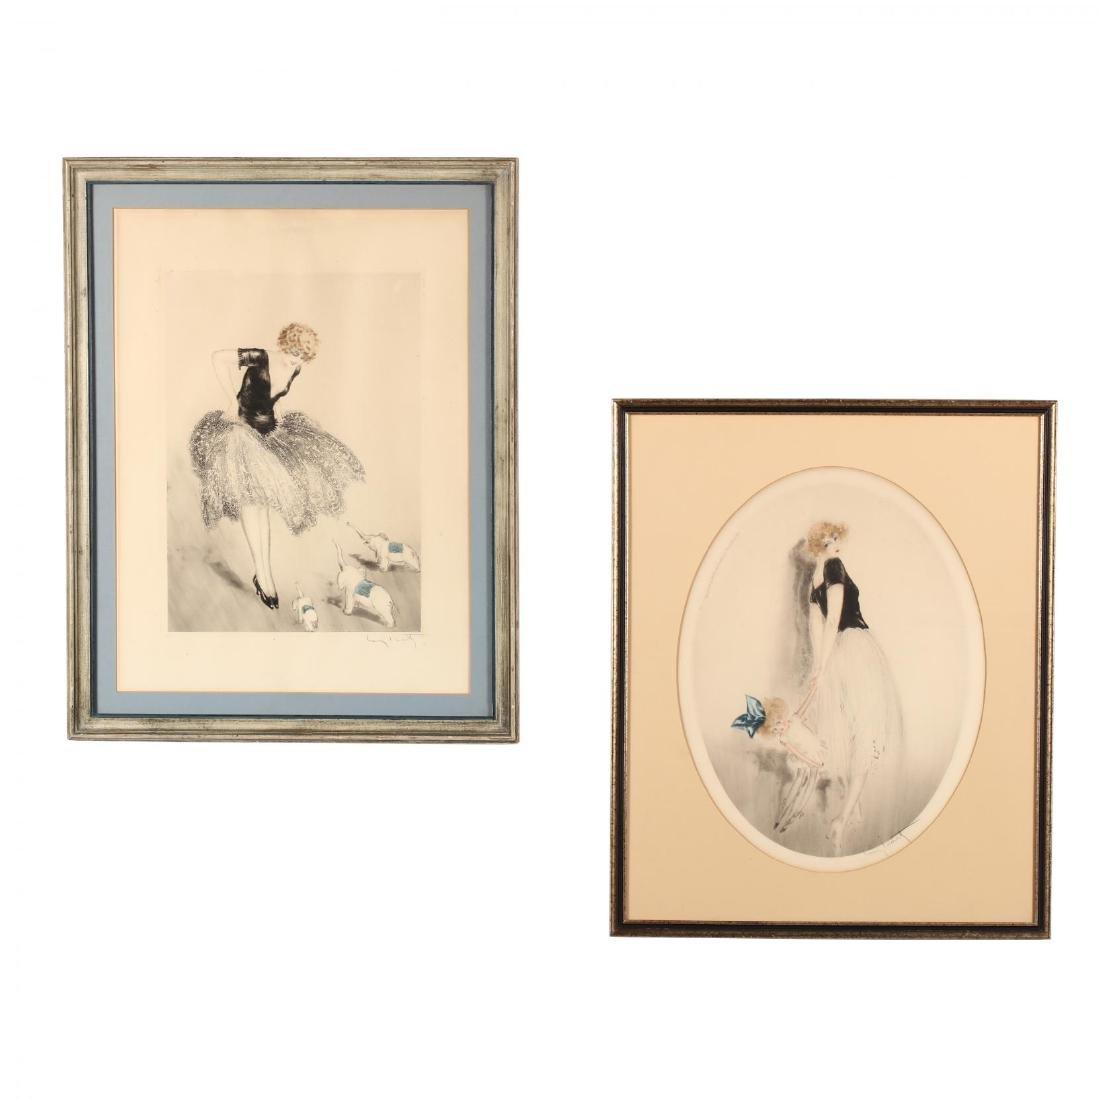 Louis Icart (French, 1888-1950),  La Poupée  and  Les